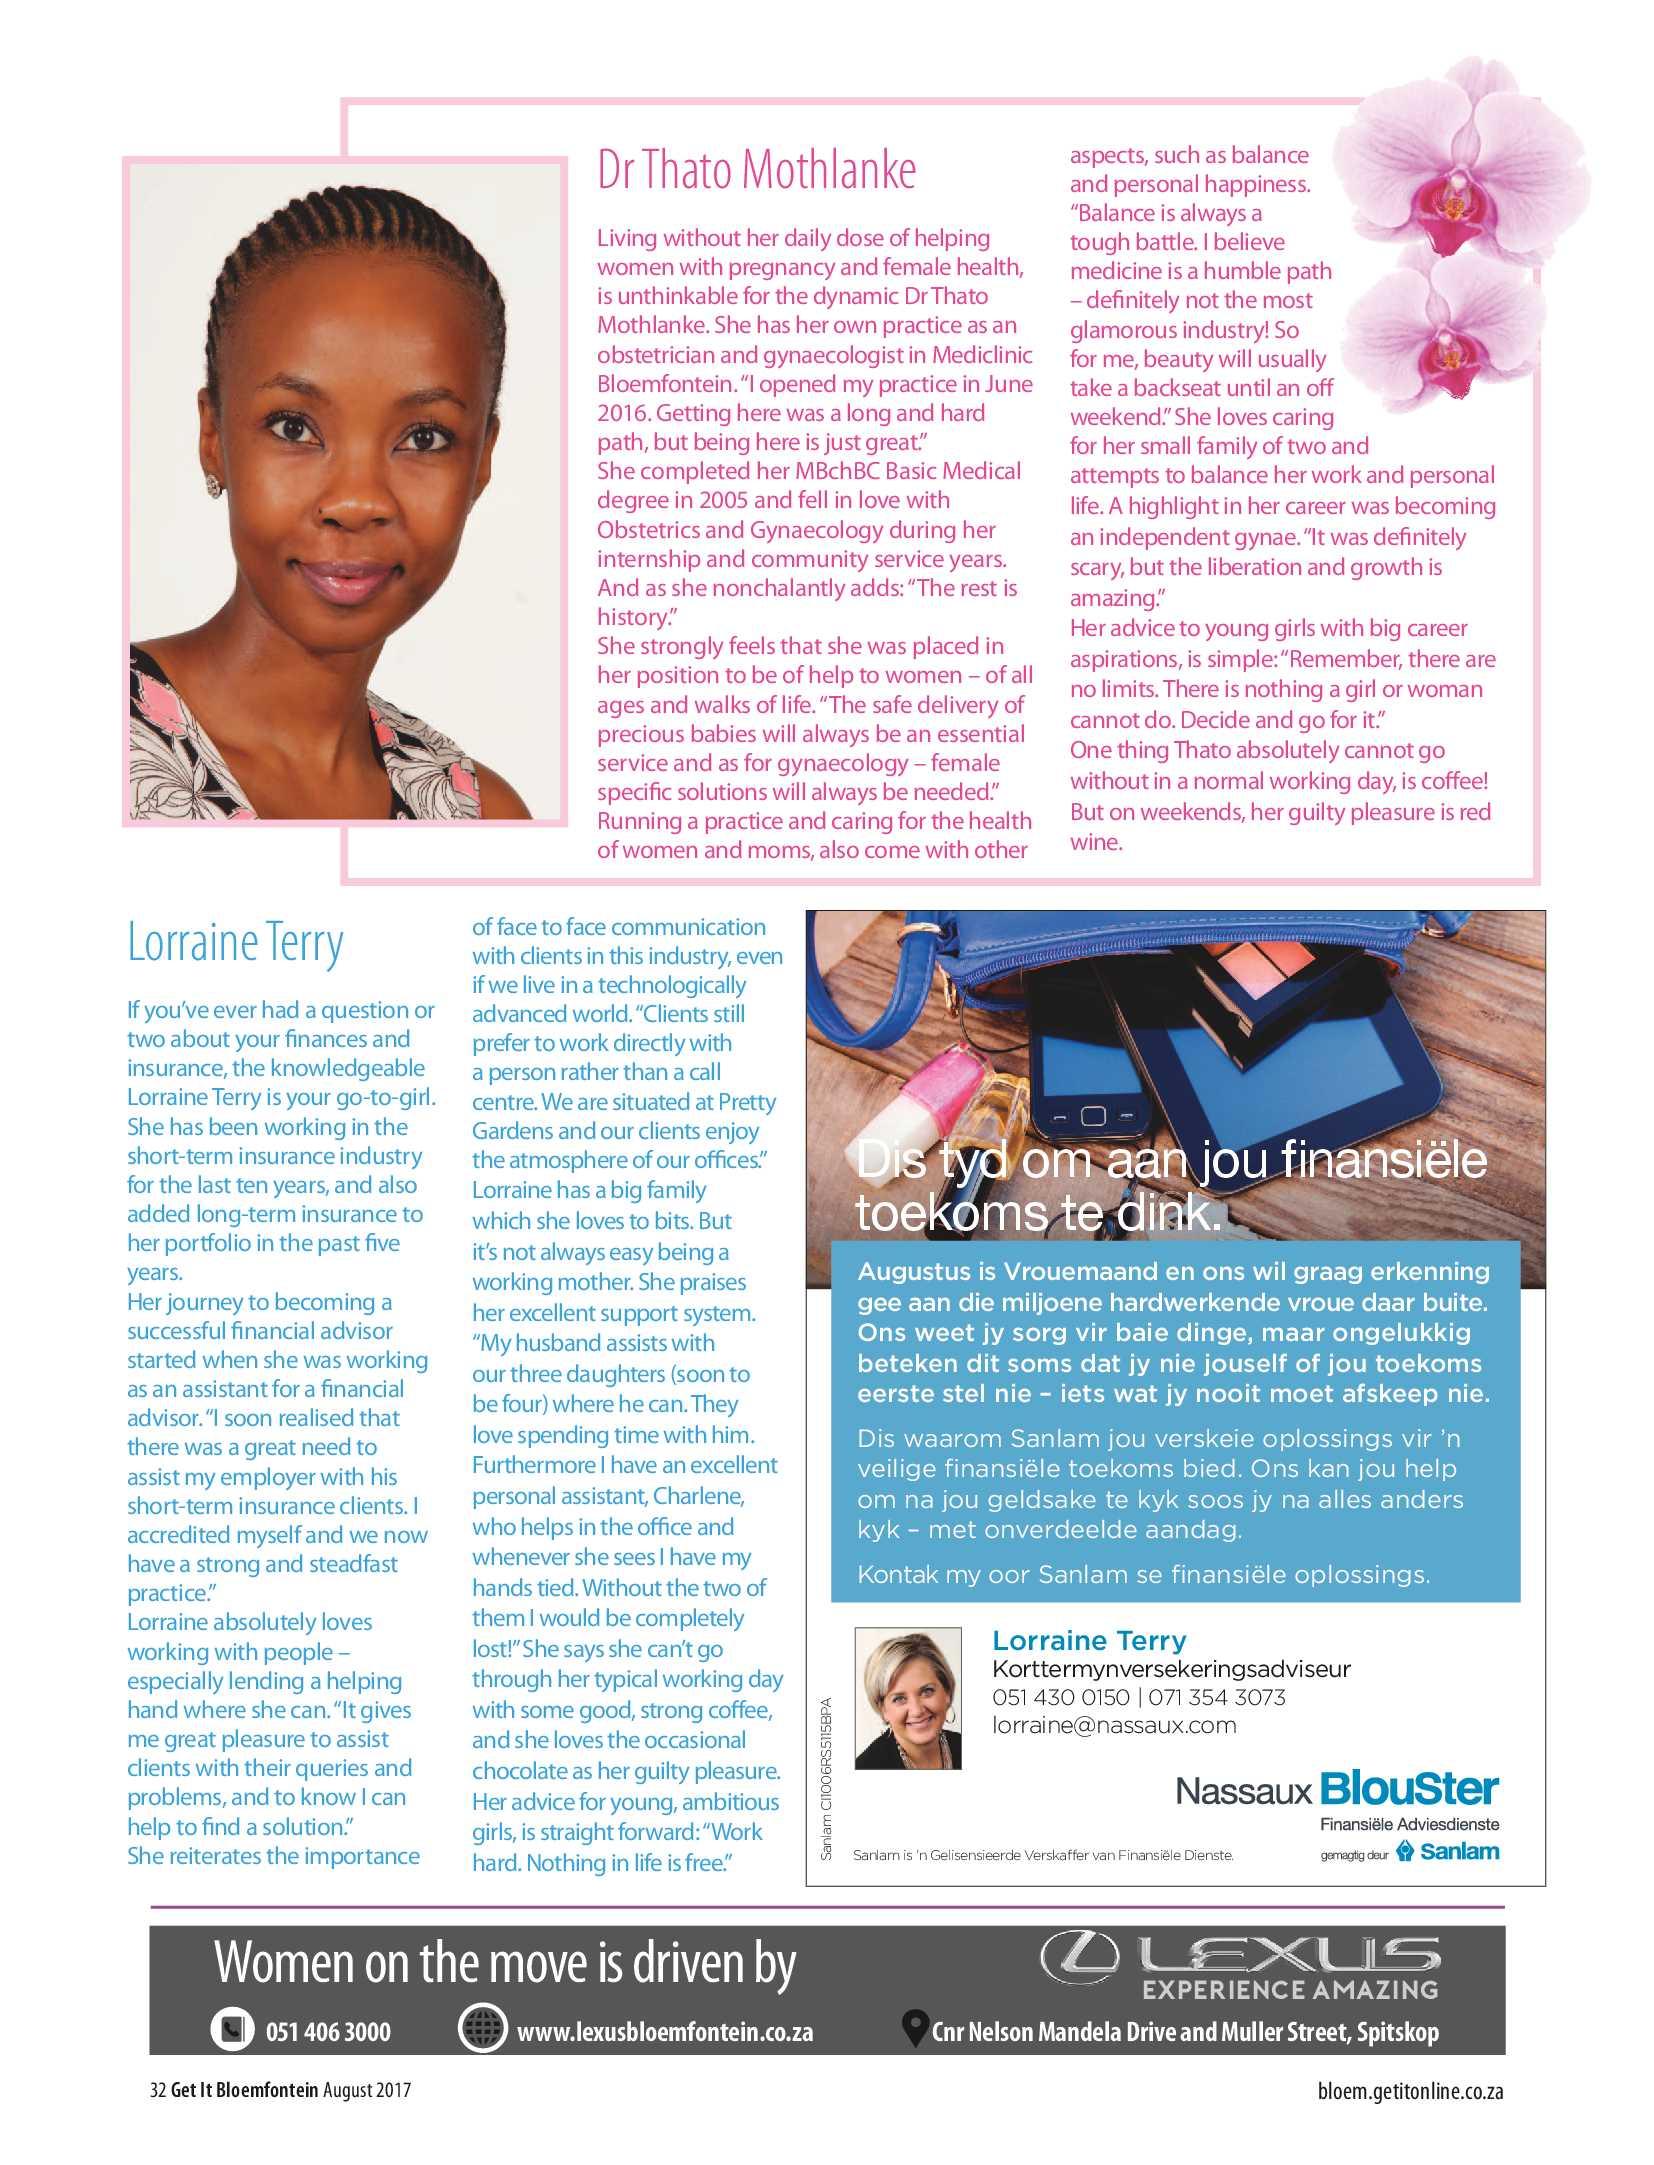 get-bloemfontein-august-2017-epapers-page-34